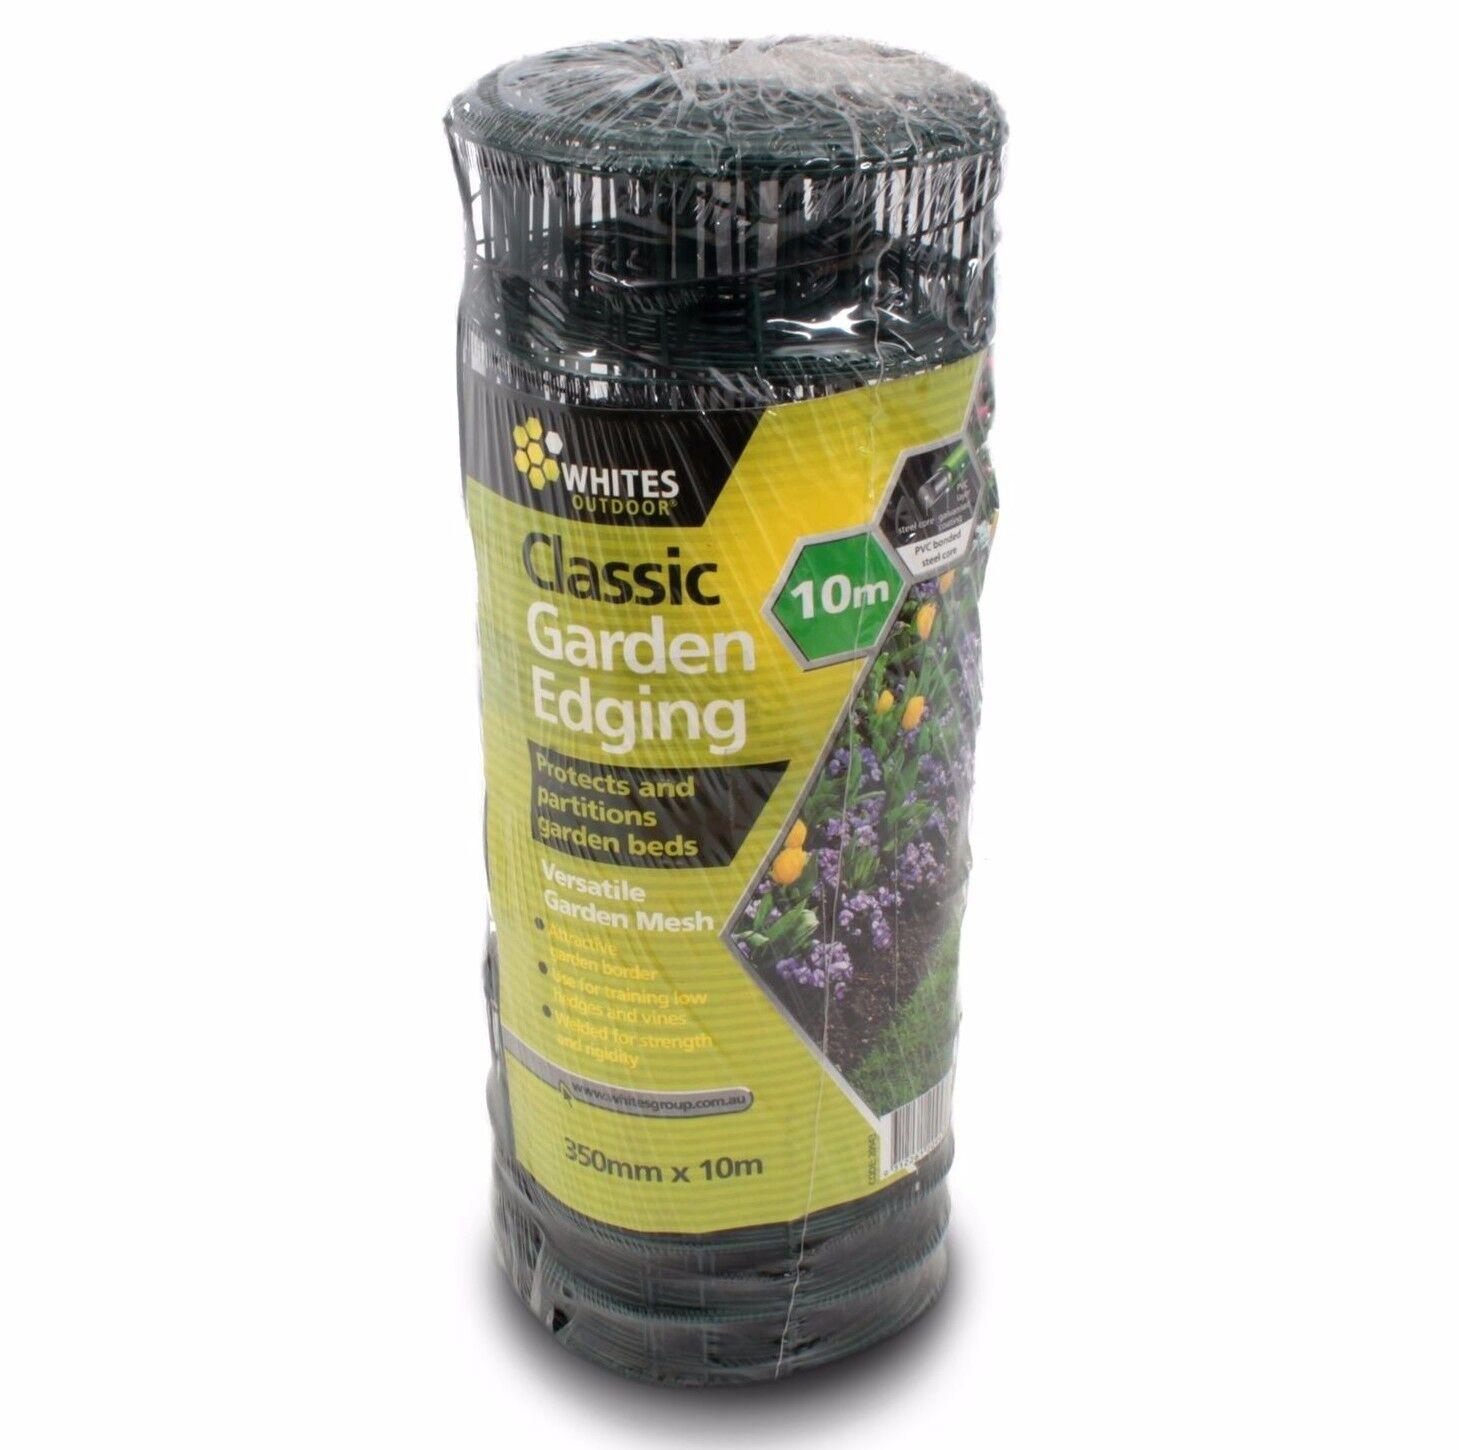 blancoos al aire libre de PVC Clásico Ribete De Jardín verde AUS Marca - 350mmx10m o 350mmx20m